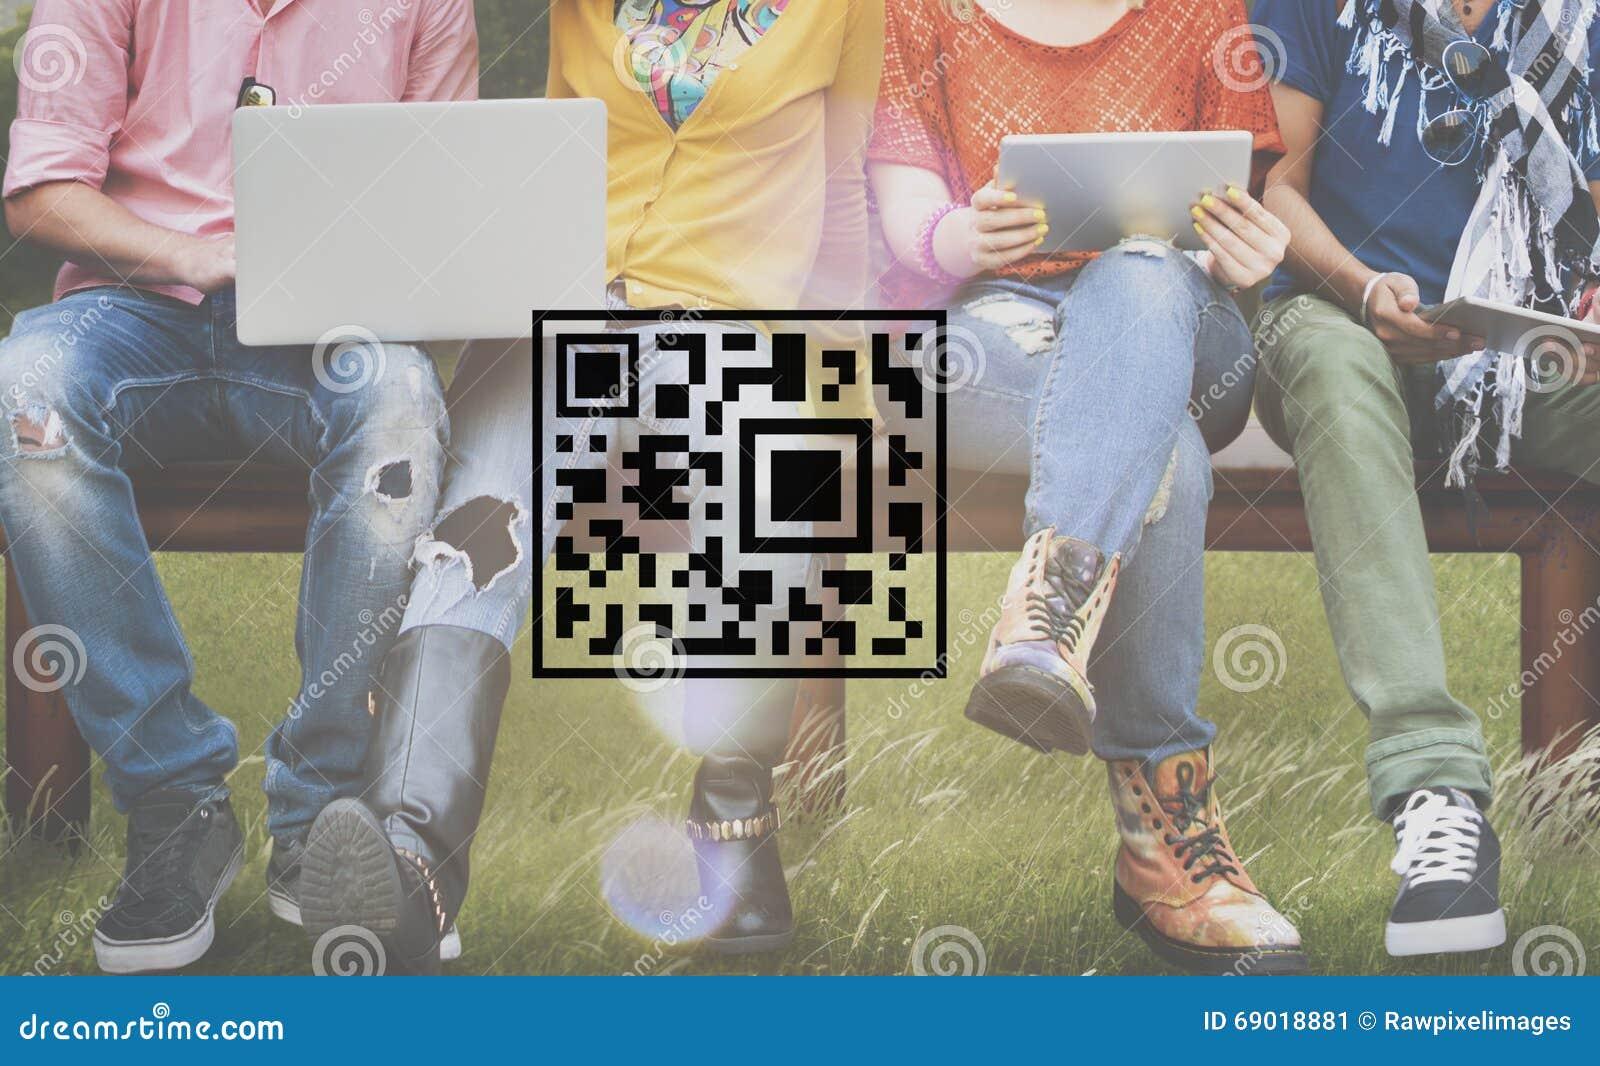 QR έννοια εμπορευμάτων ετικετών κρυπτογράφησης κωδικοποίησης τιμών κώδικα